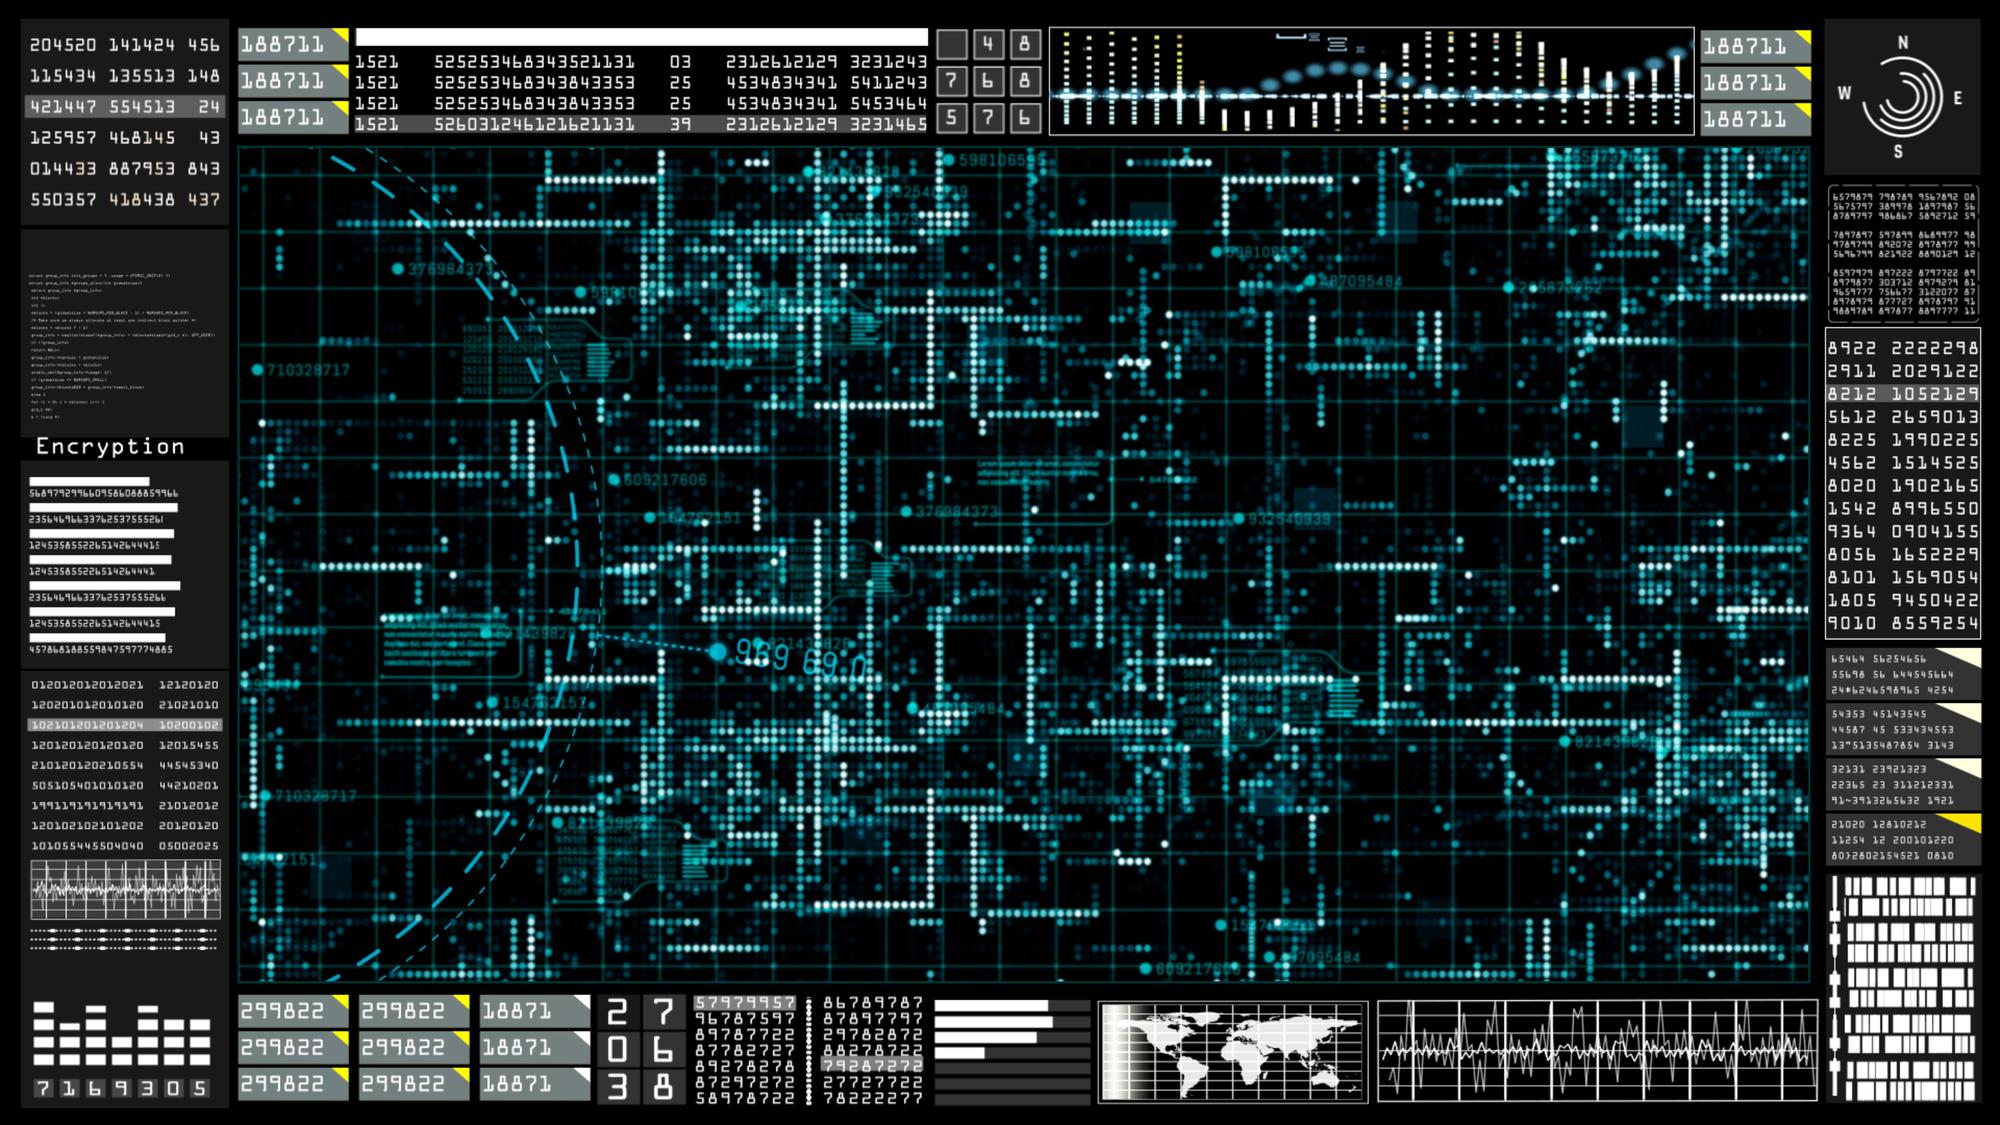 QoSとは?QoSの実現を可能にしている制御2つについて解説!のアイキャッチイメージ